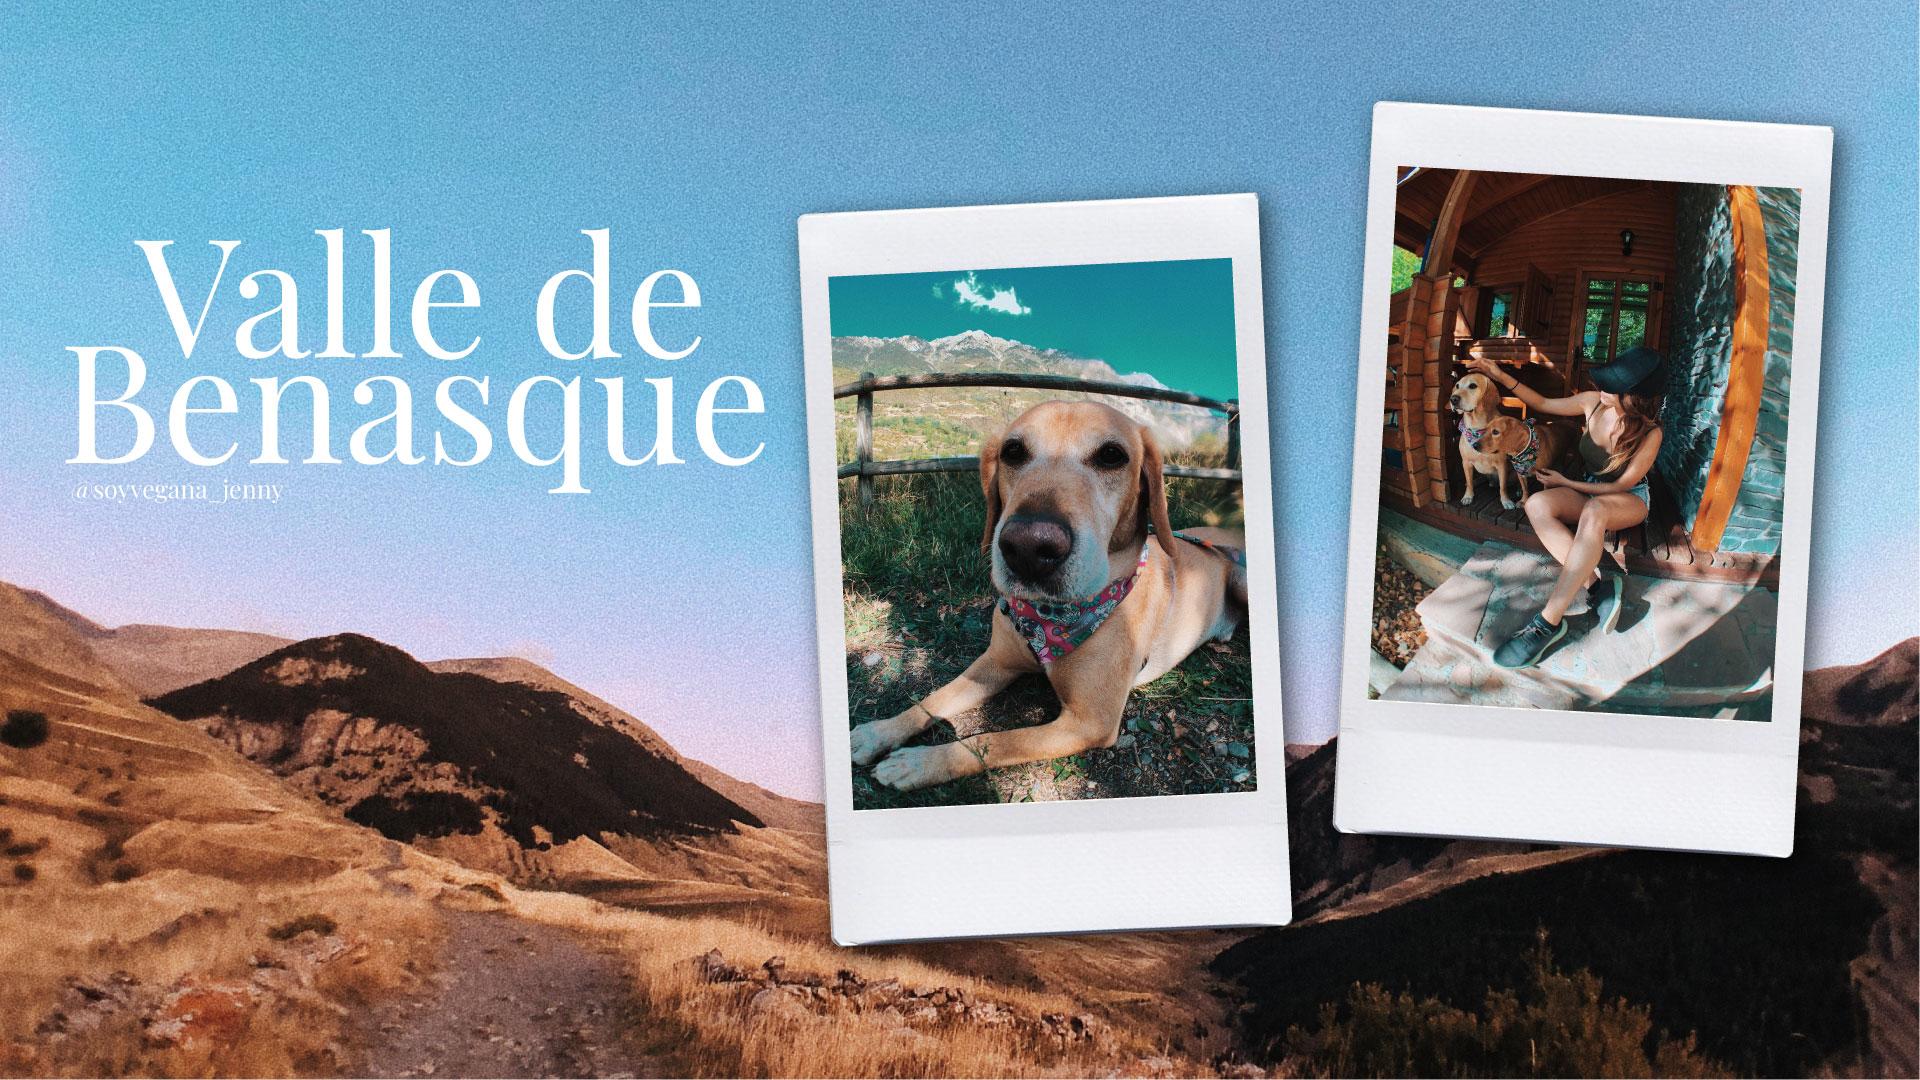 Viajar por valle de benasque con perros. Pirineo aragonés. Blog de viajes veganos. Viajar con perros por españa. rutas con perros.